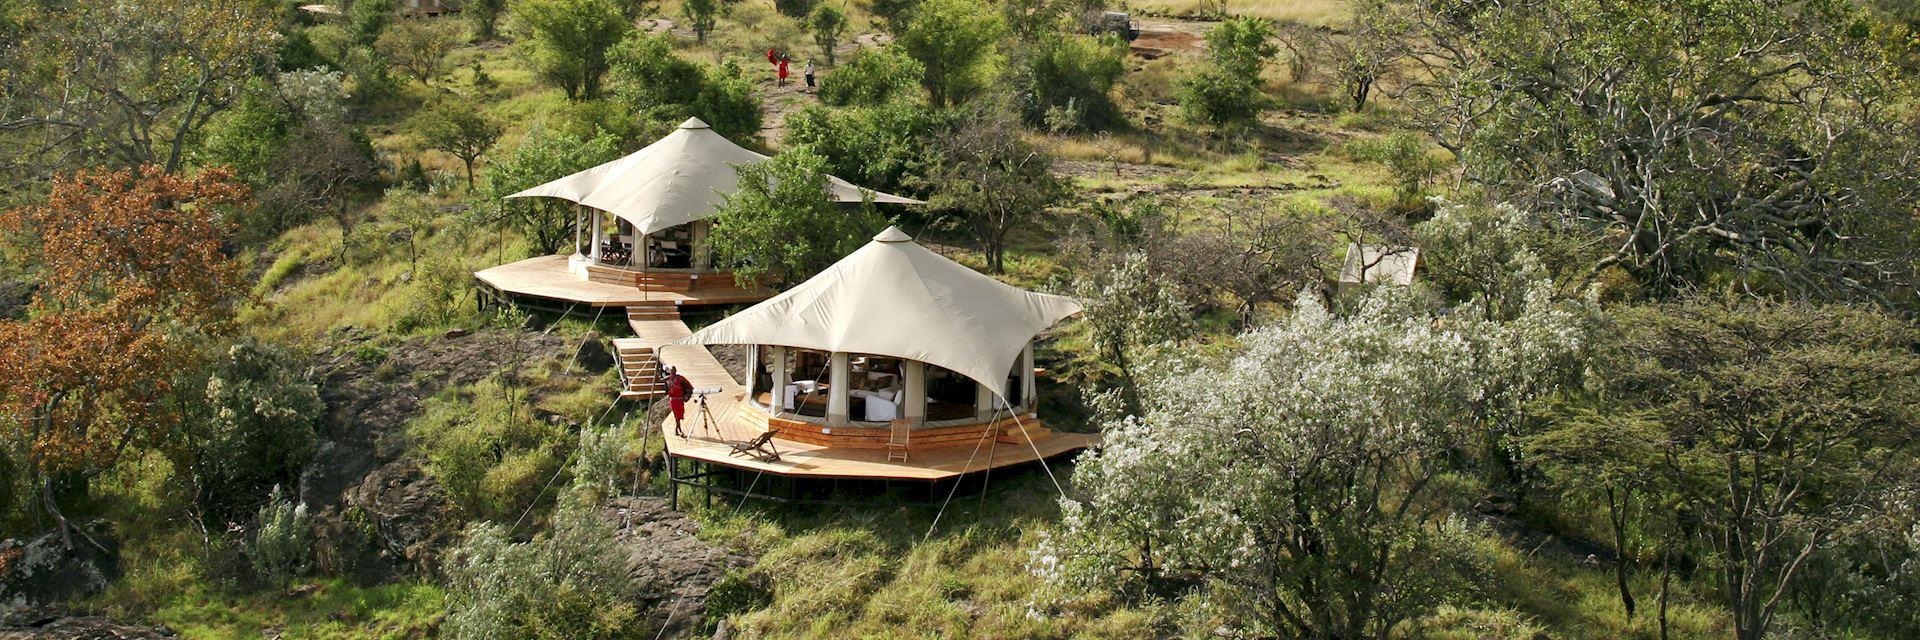 Ol Seki Hemingways Camp, Kenya